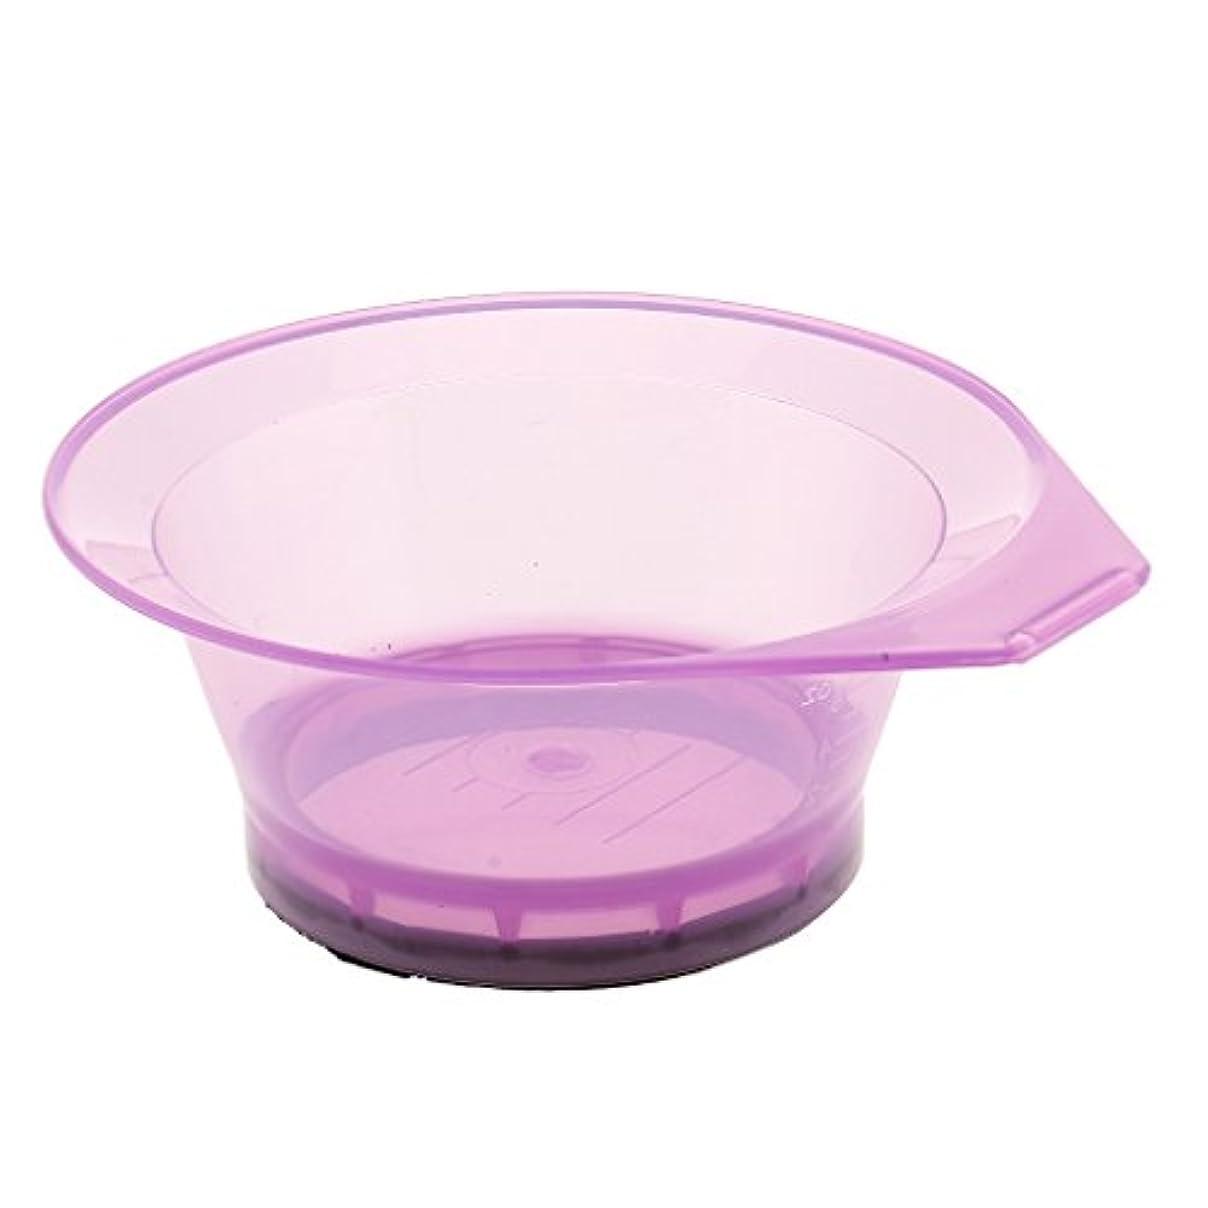 同じ代理店表面プラスチックサロン美容ヘアカラーリング色素ティントブリーチミキシングボウル - 紫